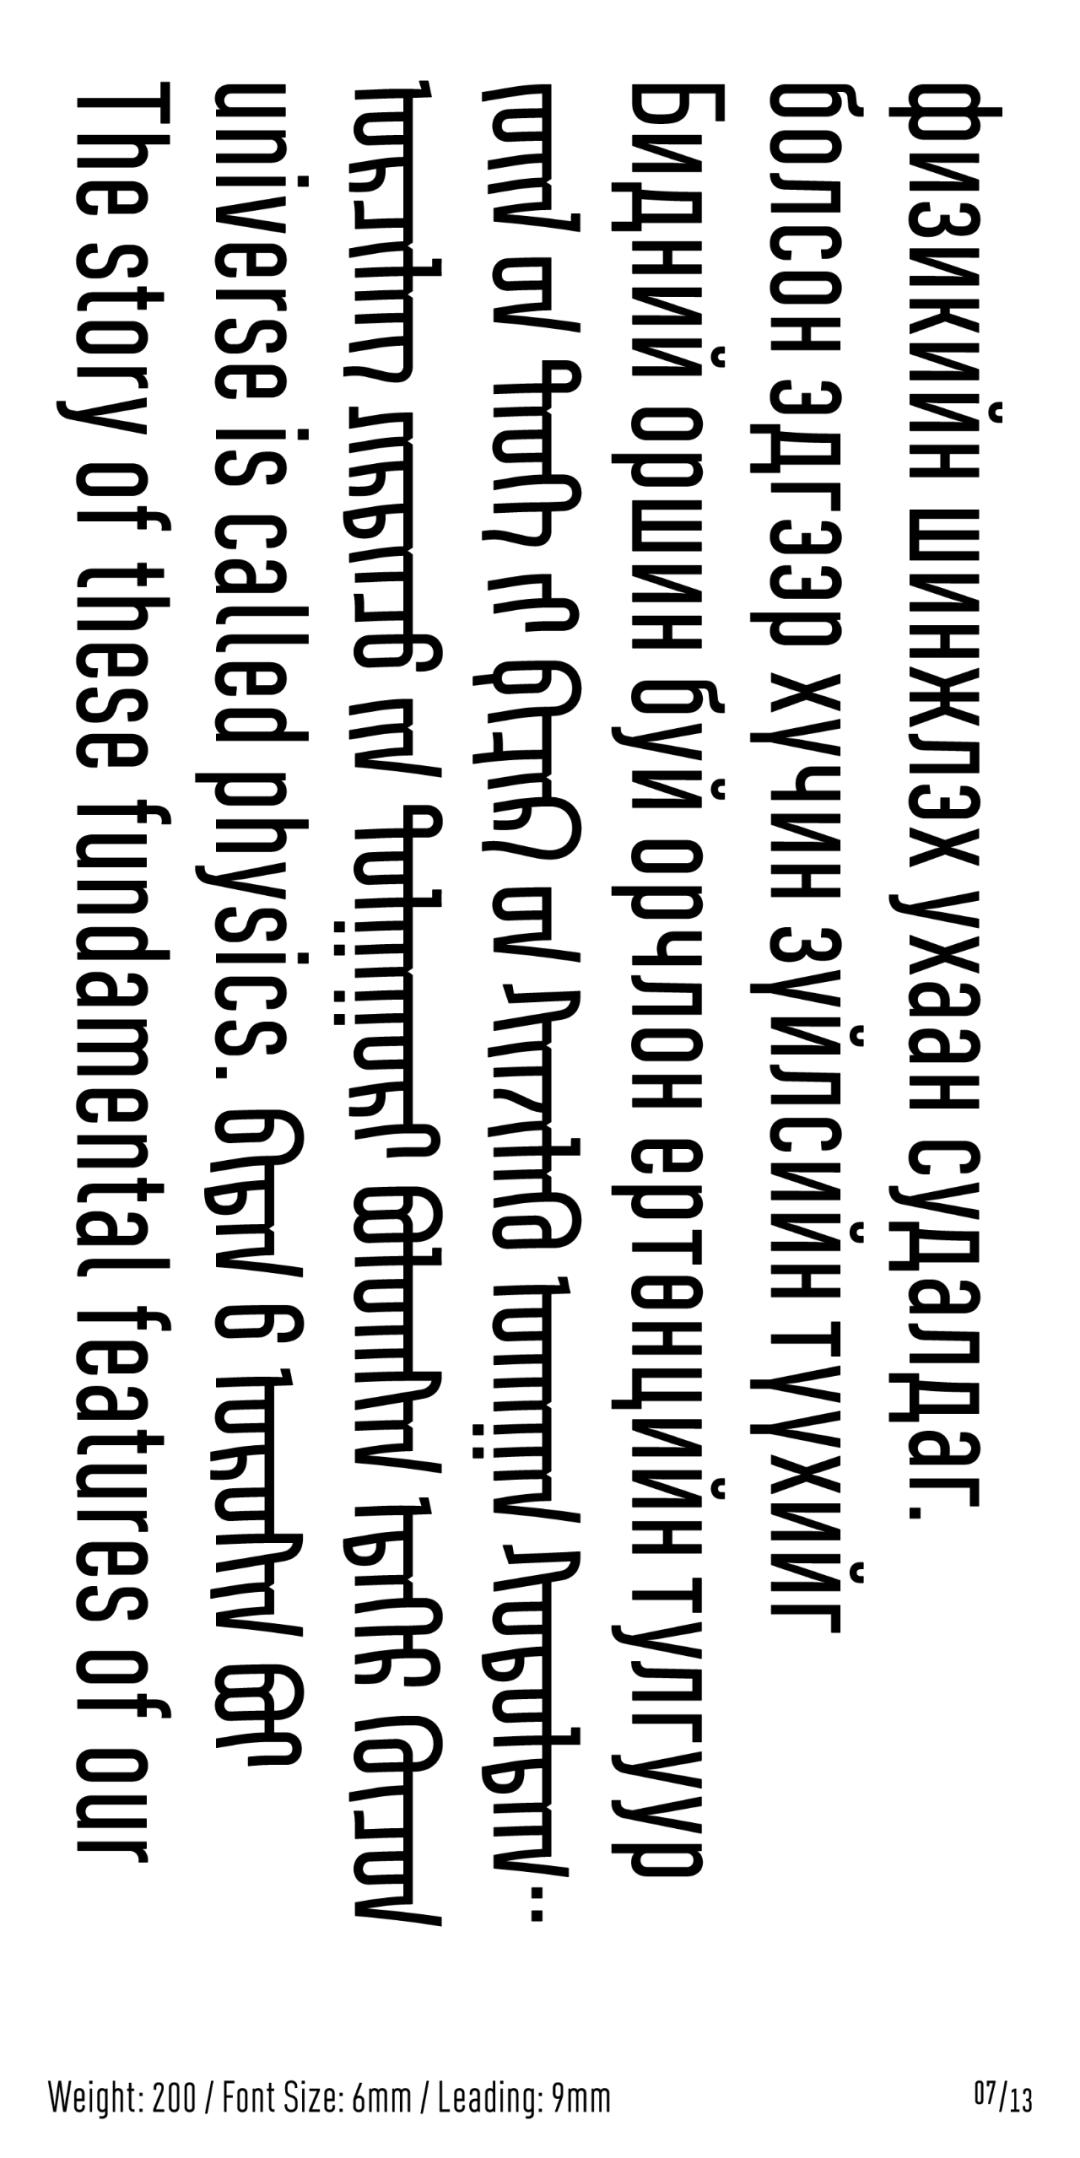 几何风格蒙古字体 Ailognom™ 第11张